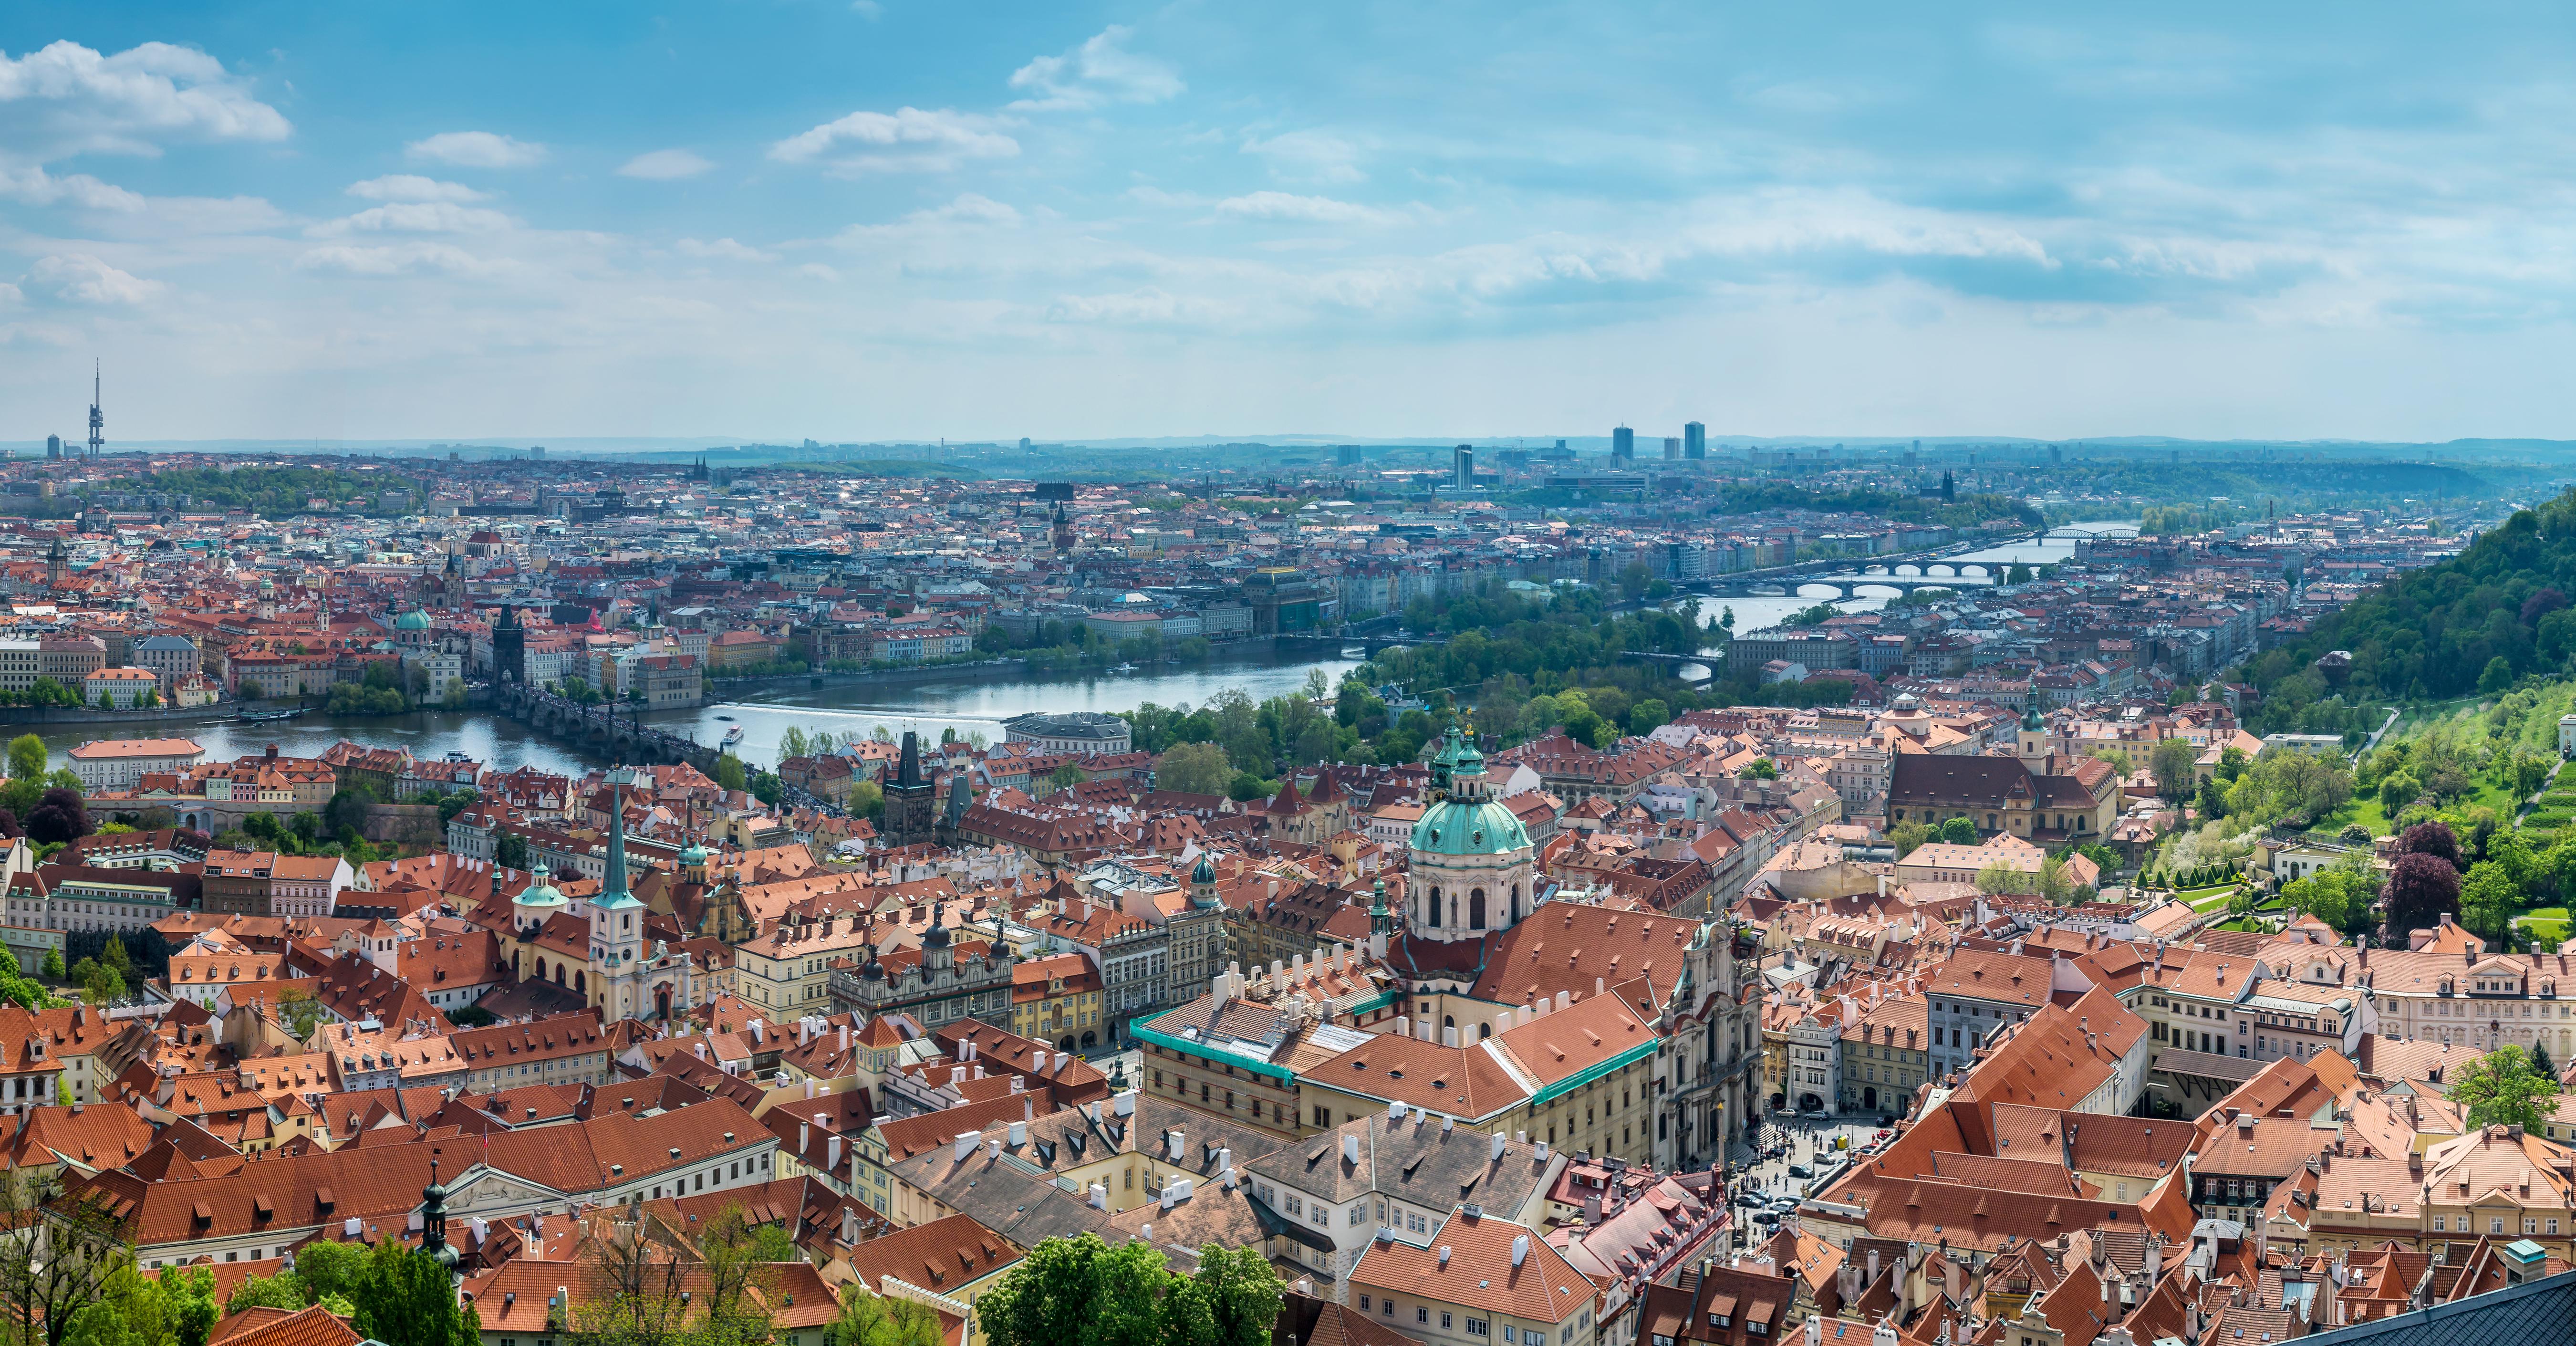 Панорама Праги - столицы Чехии, ВНЖ которой могут получить иностранцы